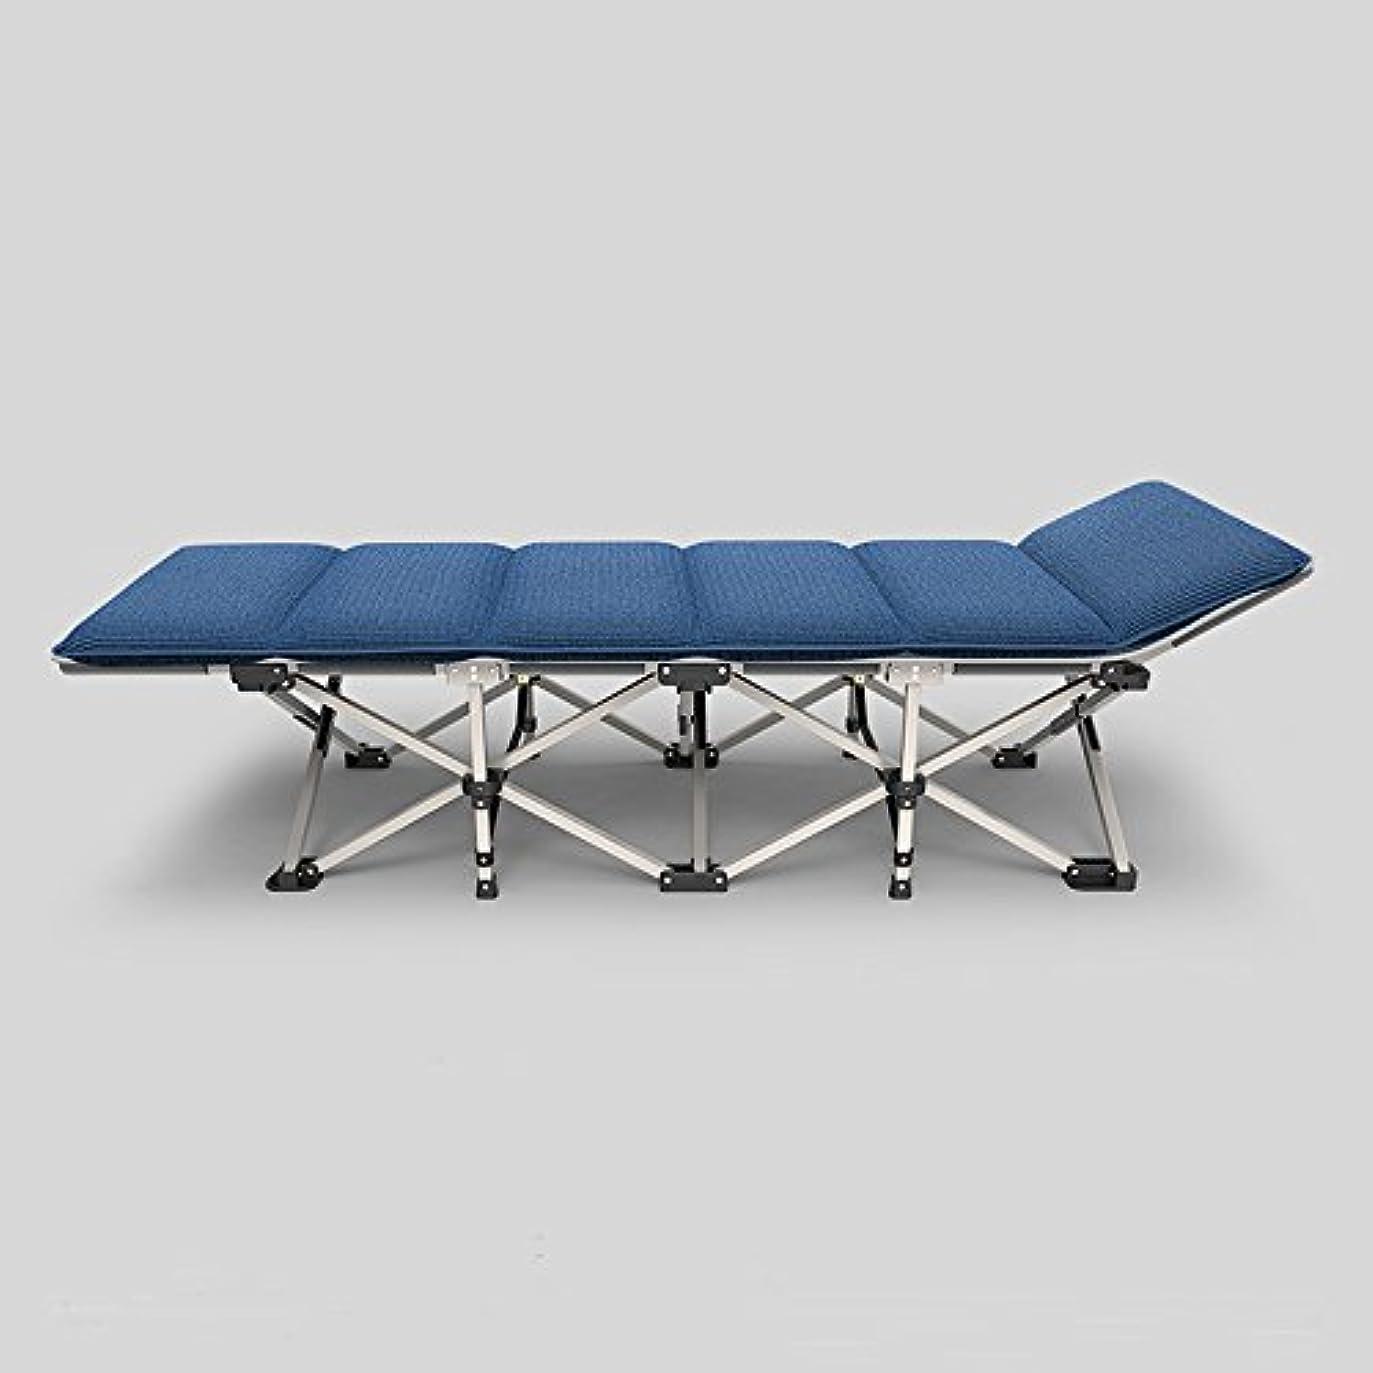 アプローチデッドロック衝突するKTYXDE 折りたたみシートの人々オフィスの昼寝ベッドの昼食休憩のリクライニング家のシンプルなポータブルキャンプベッド 折りたたみ椅子 (色 : A-No headrests)